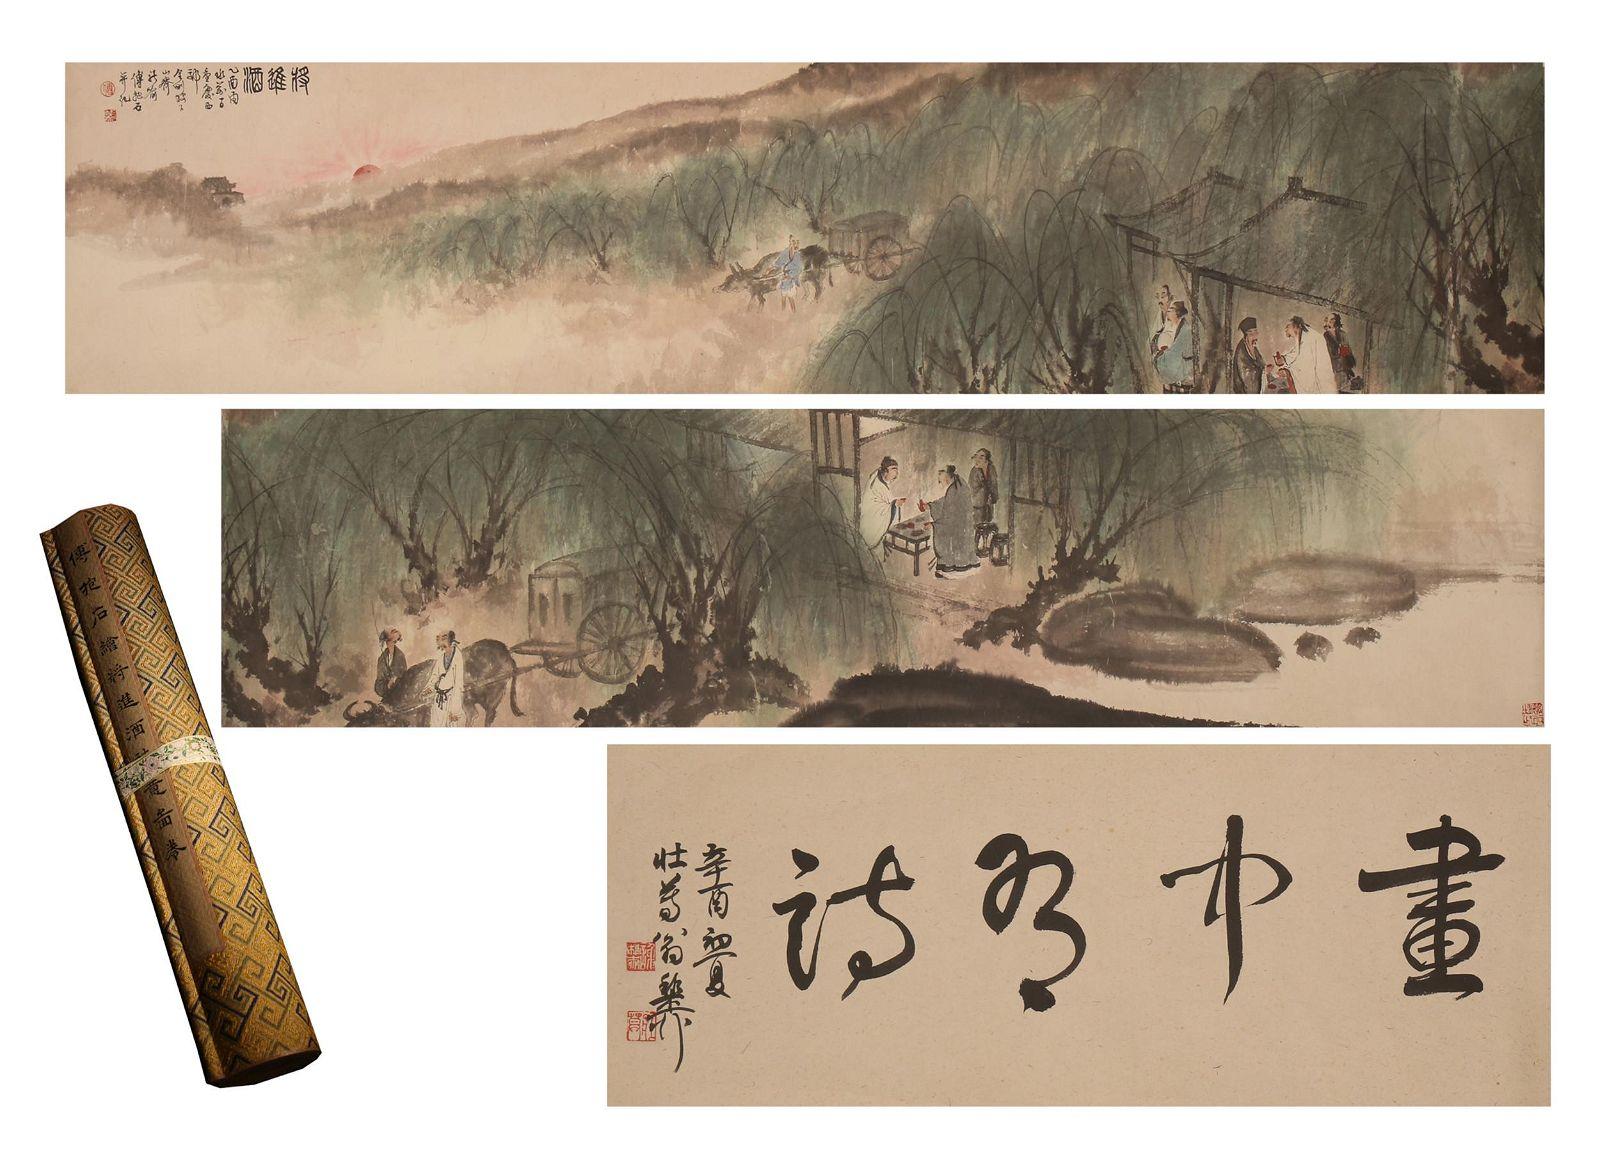 A CHINESE HAND SCROLL PAINTING OF QIANGJINJIU BY FU